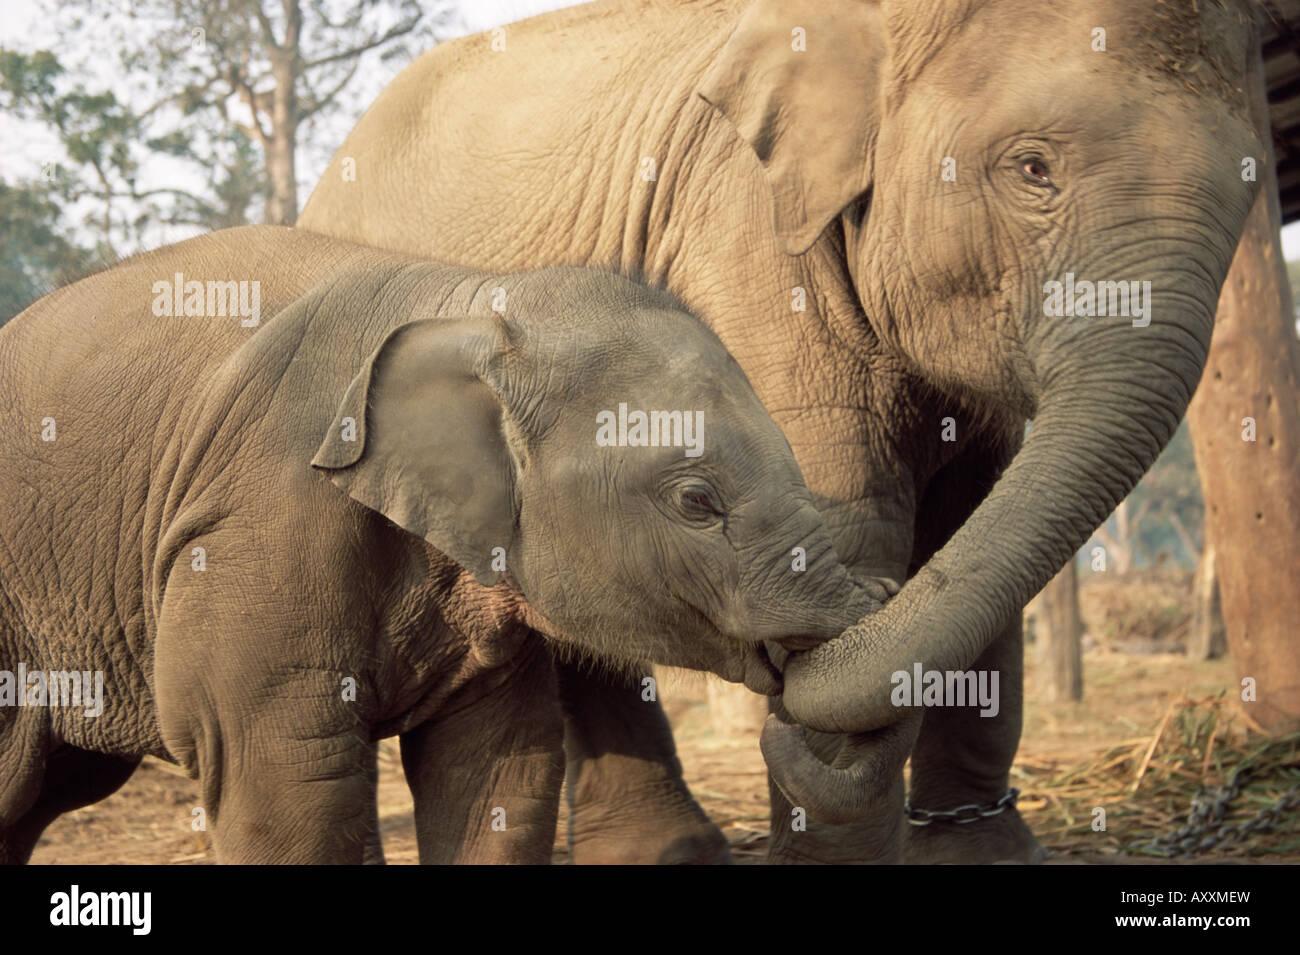 Captive asiatici (Indiana) elefanti, India, Asia Immagini Stock